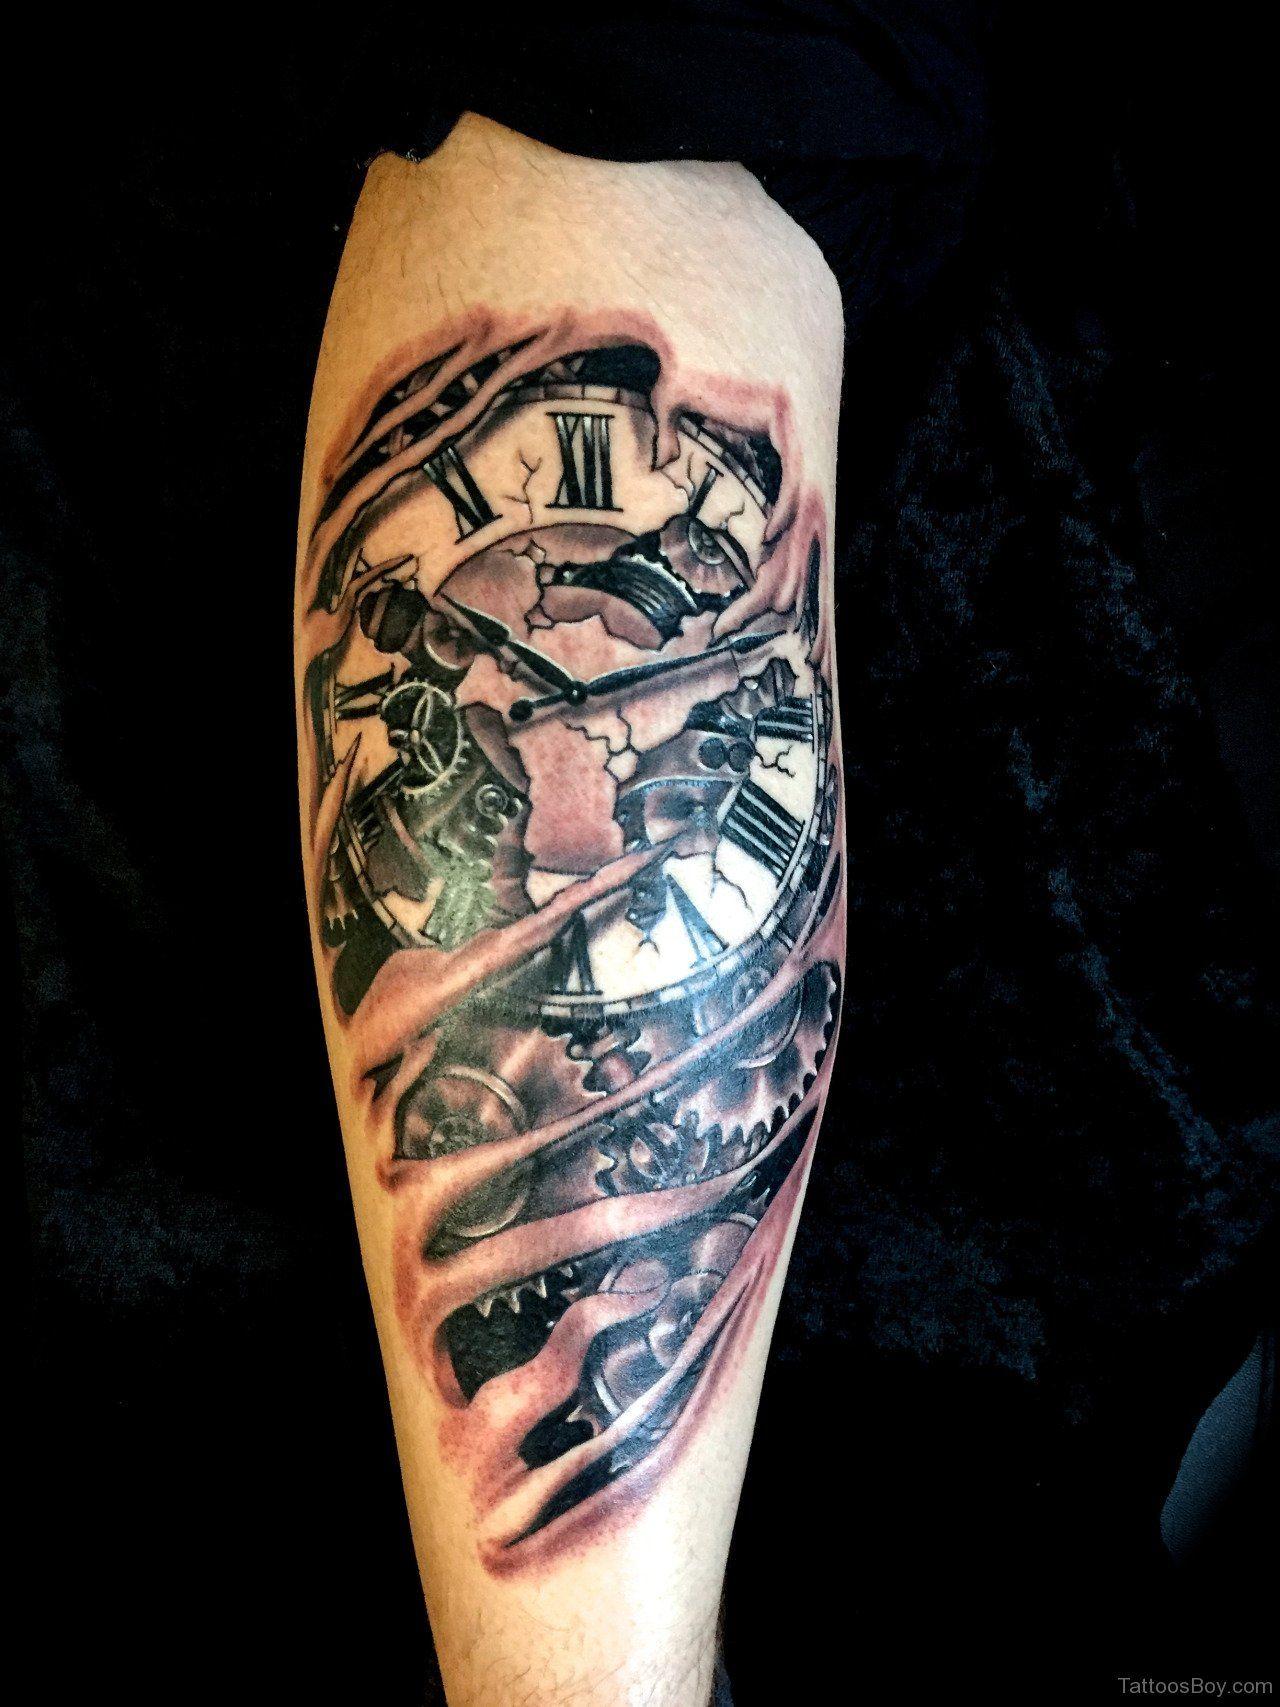 Pin by Daisy Swartz on Tattoos | Broken clock tattoo ...